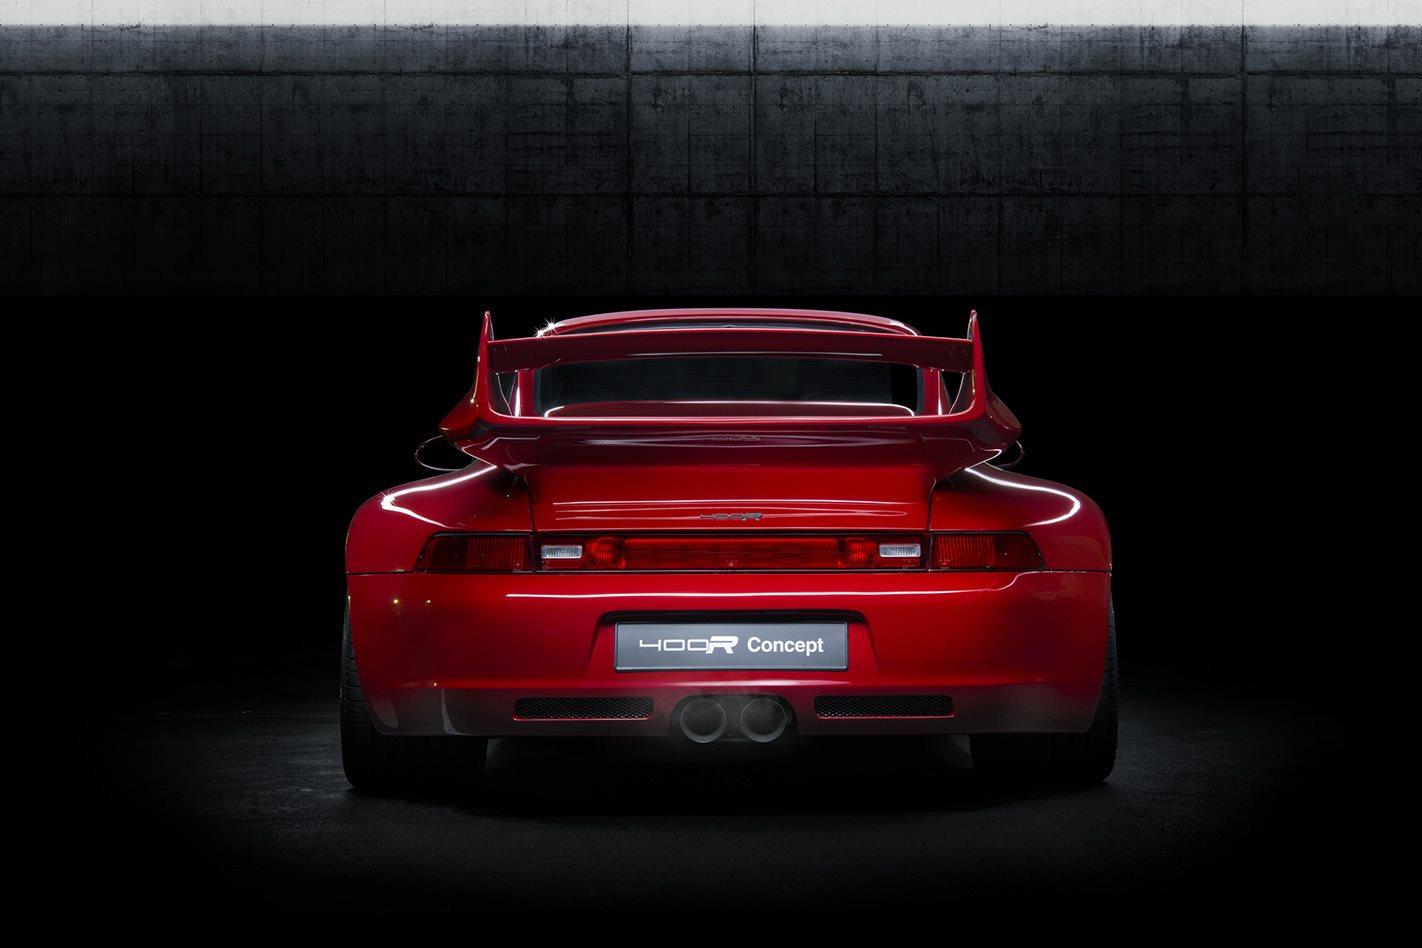 Porsche 993 GT3 RS rear